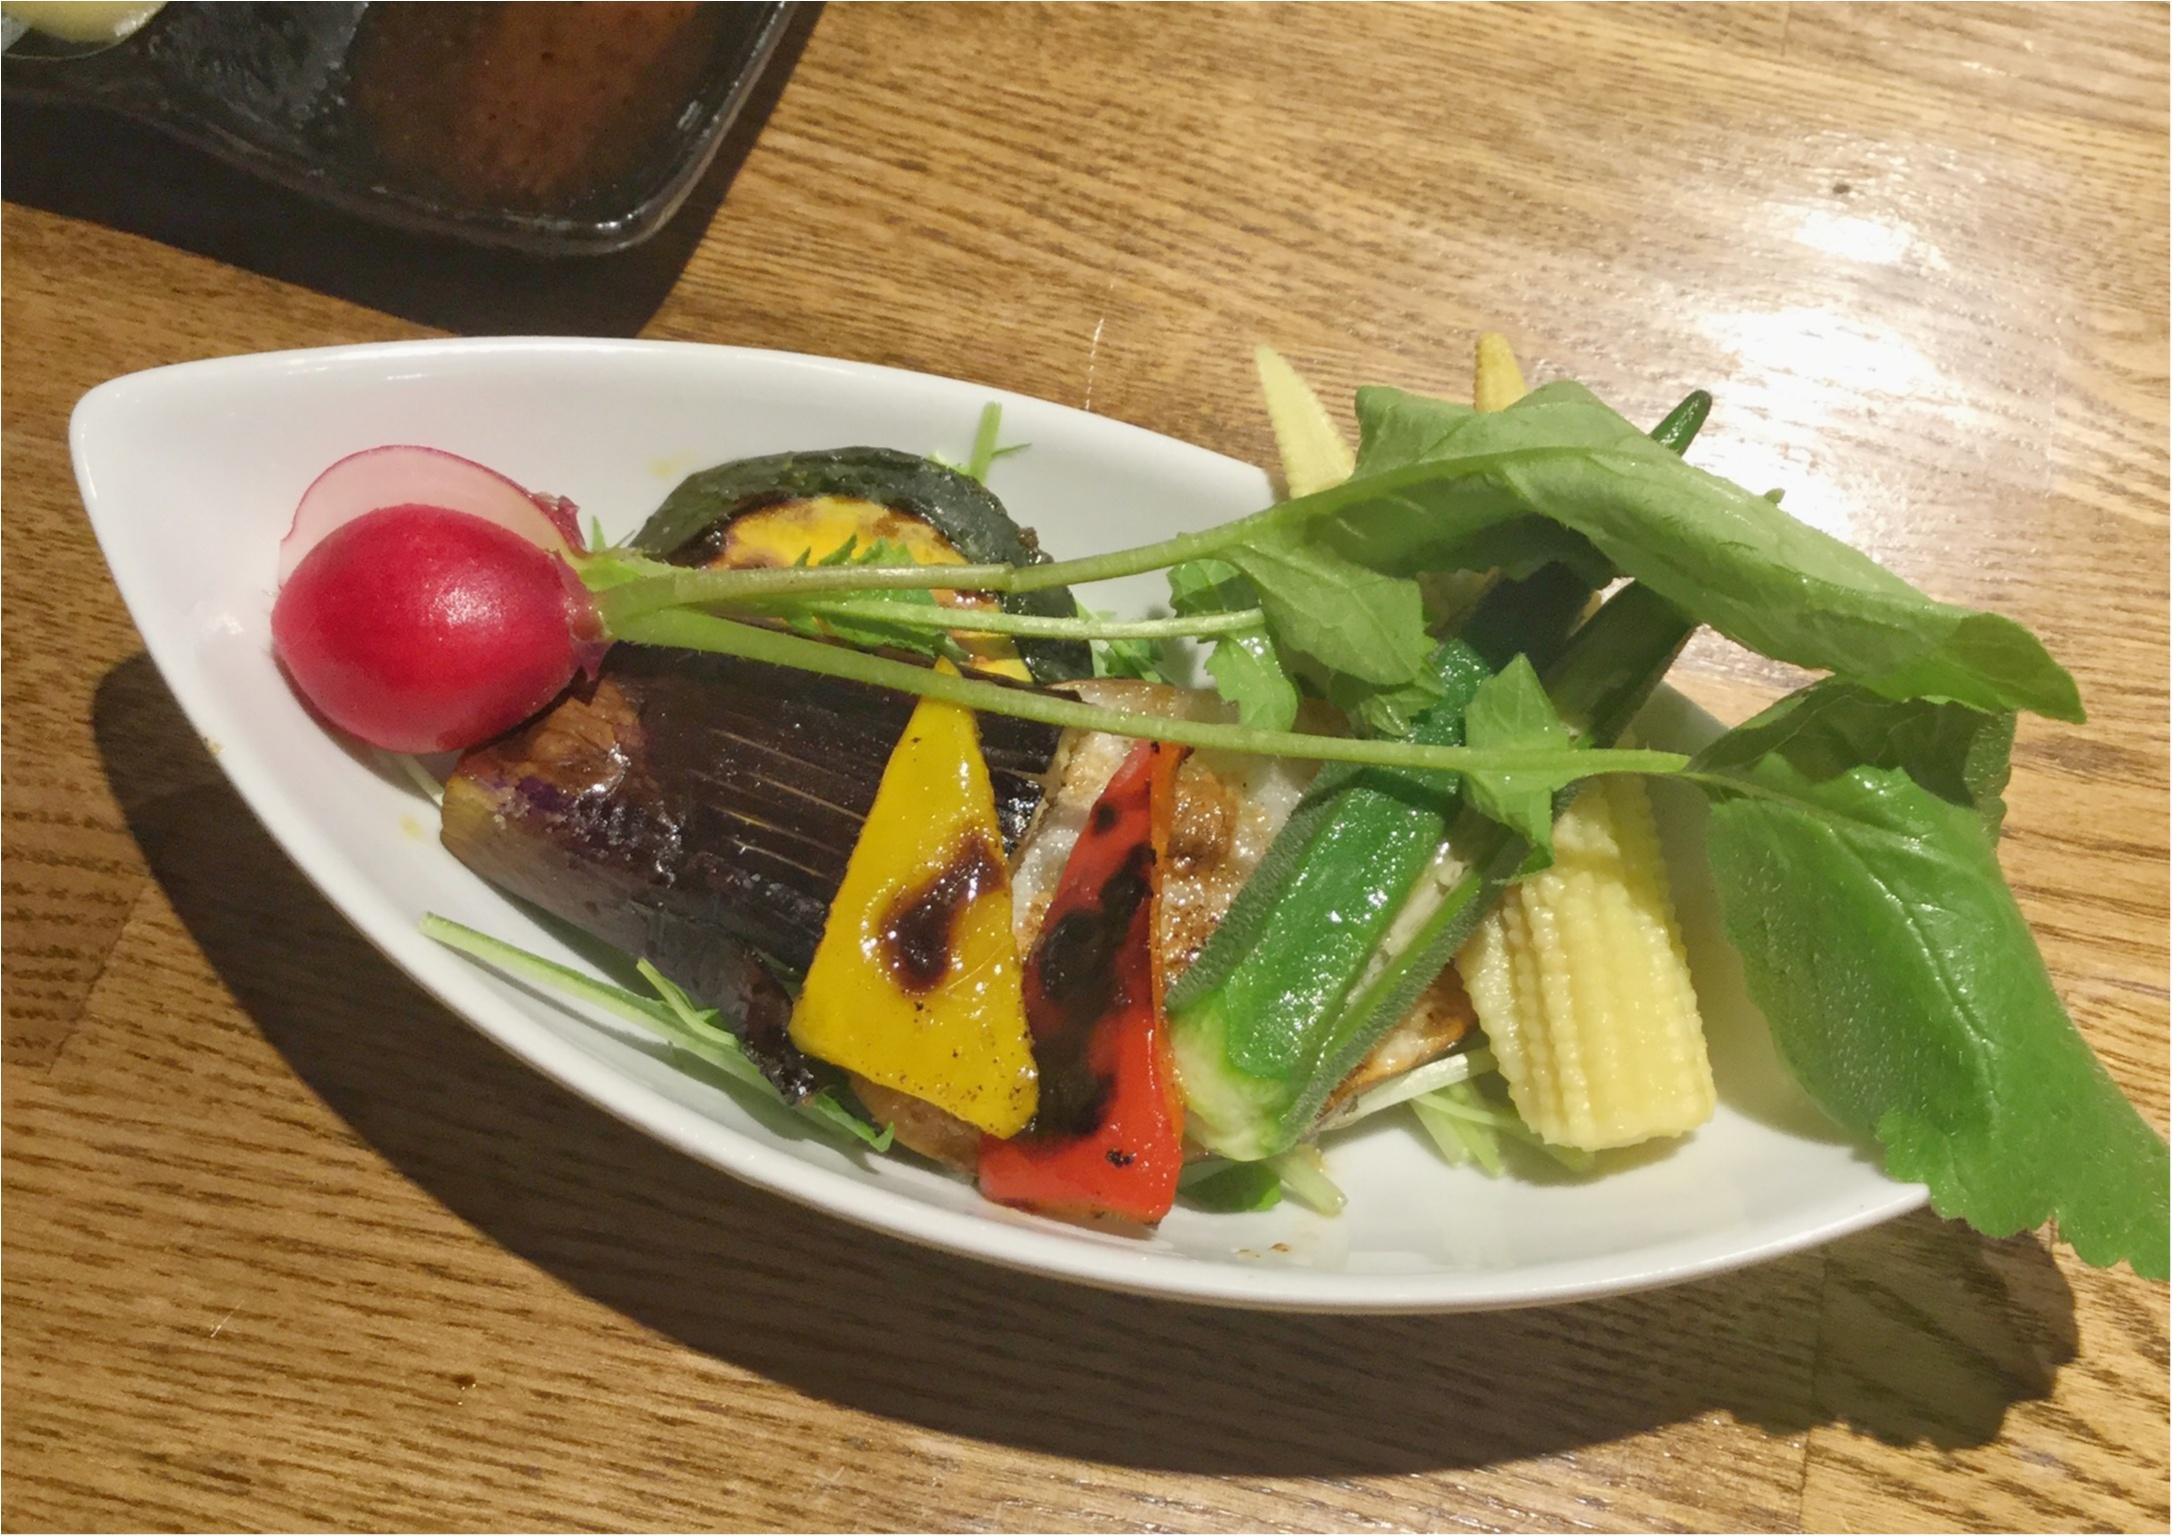 【デート&記念日にオススメ!】広島牛A5ステーキがリーズナブルな価格で食べれる隠れ家レストラン『暫(しばらく)』_3